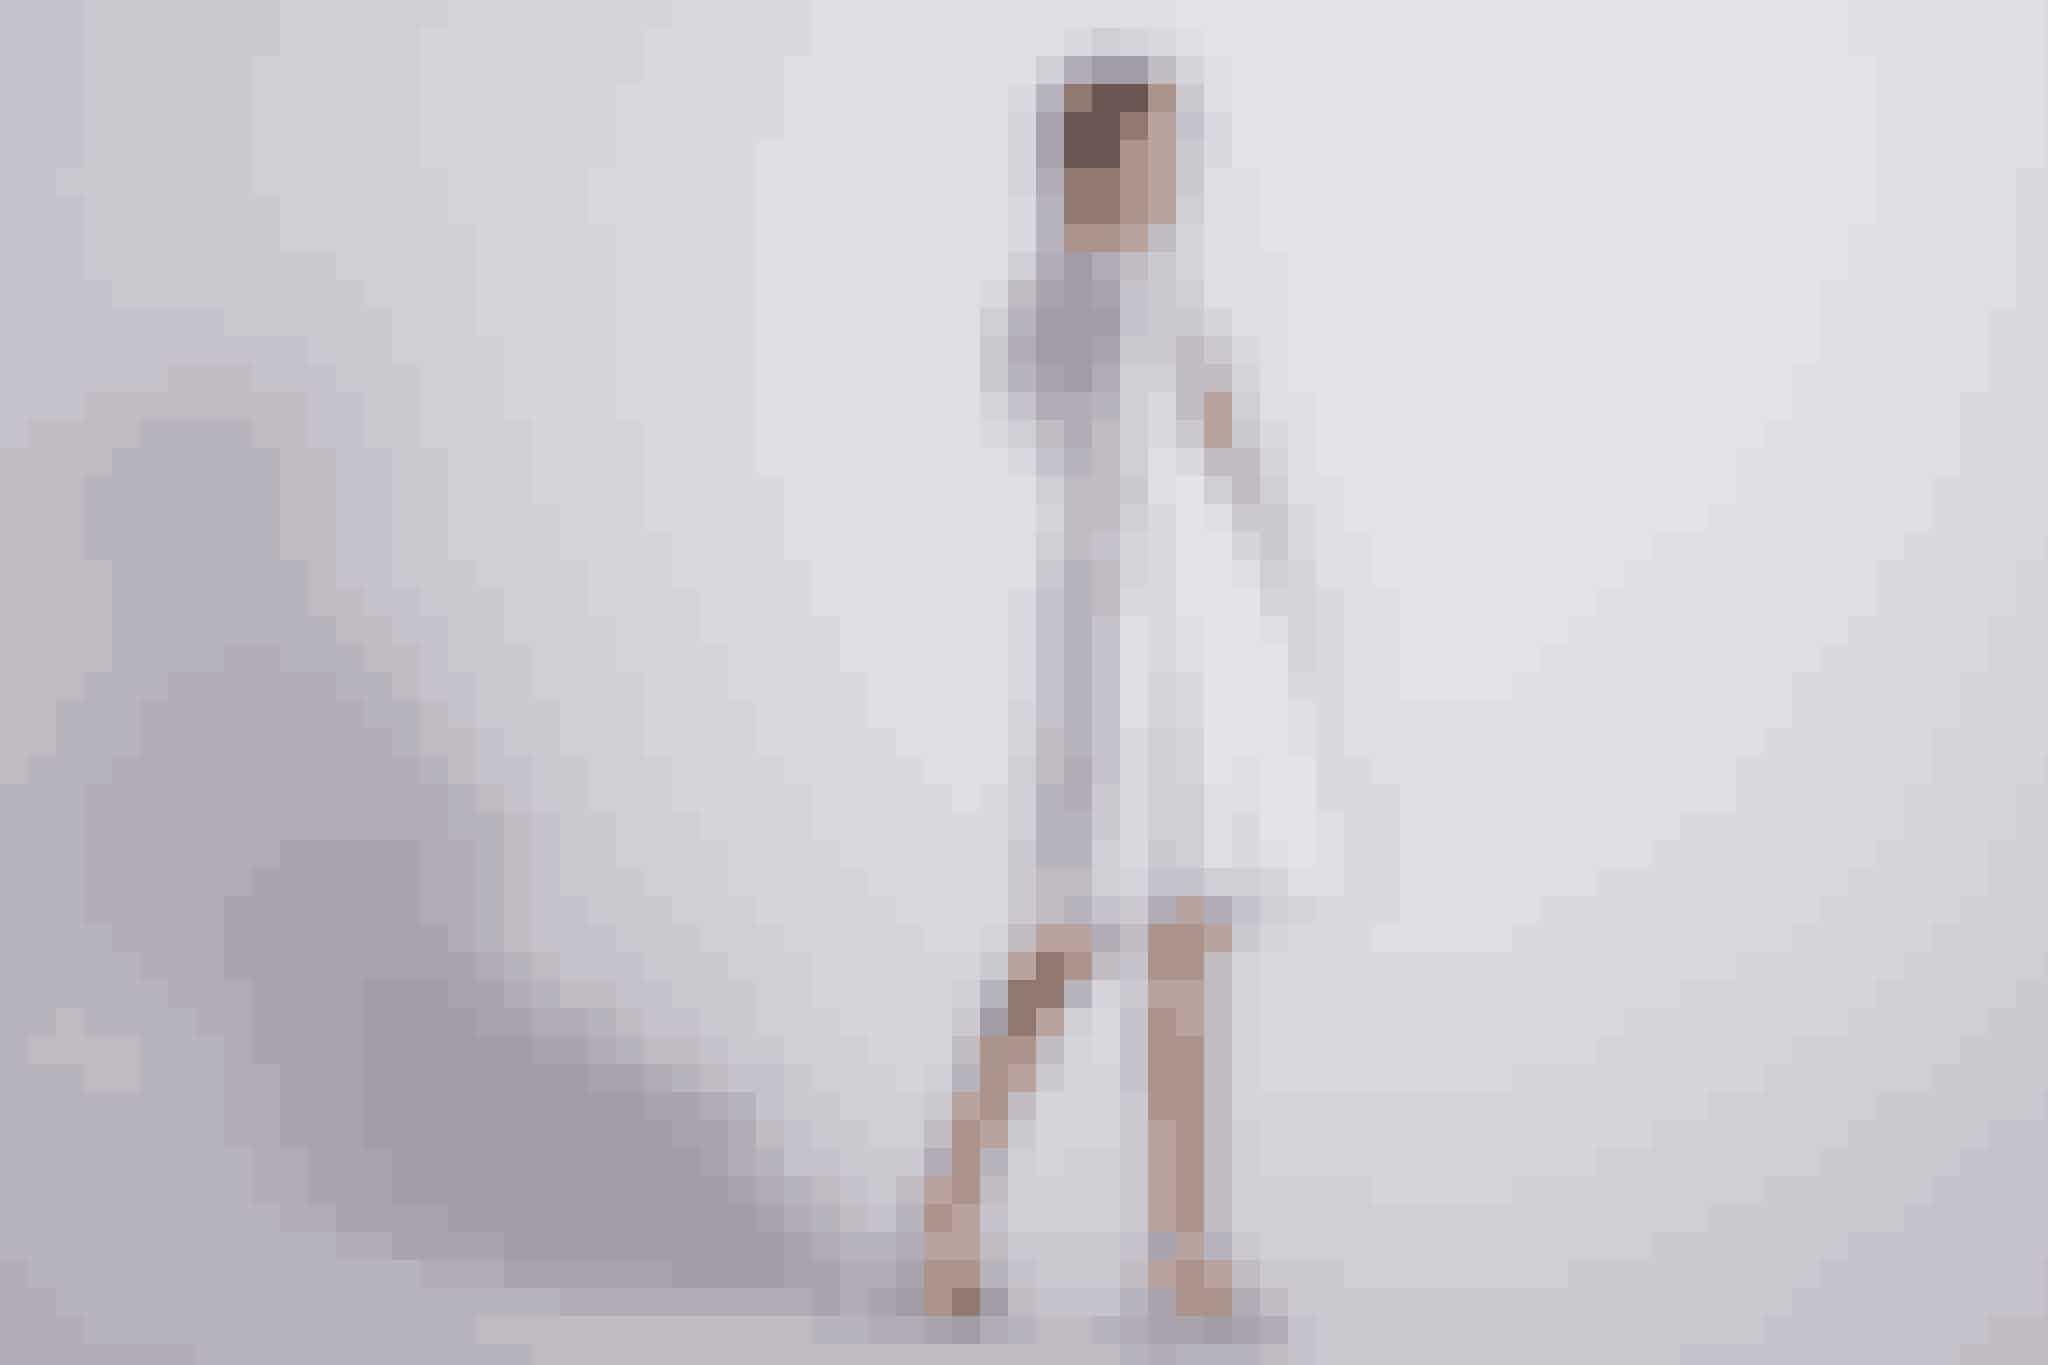 Kreativ, følsom og betænksomDu er kreativ og betænksom, og derfor er en anderledes og særlig kjole meddetaljeret udskæringer og flæser helt perfekt til dig.Find den hos Lilly.dk til 2.199 kroner lige her.